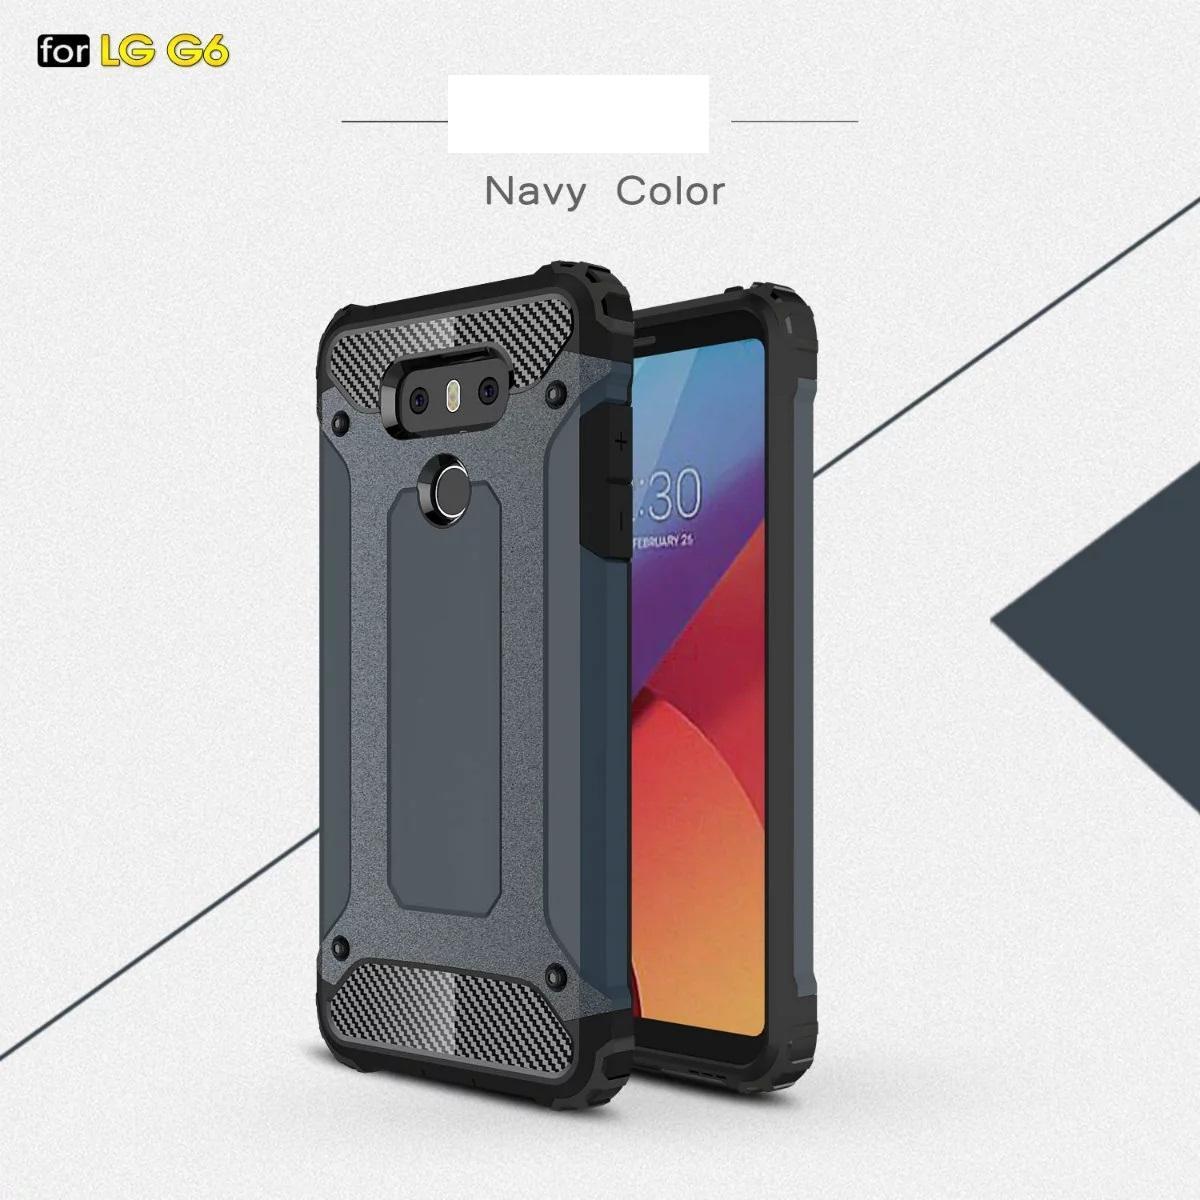 RG G6 G5 Q6 Galaxy S7 Edge S7 Plus S6 Edge Plus S6 Edge S7 Plus S6 Edge Plus S6 Edge Plus 50PC用アーマーハイブリッドディフェンダーケースTPU + PC耐衝撃カバーケース